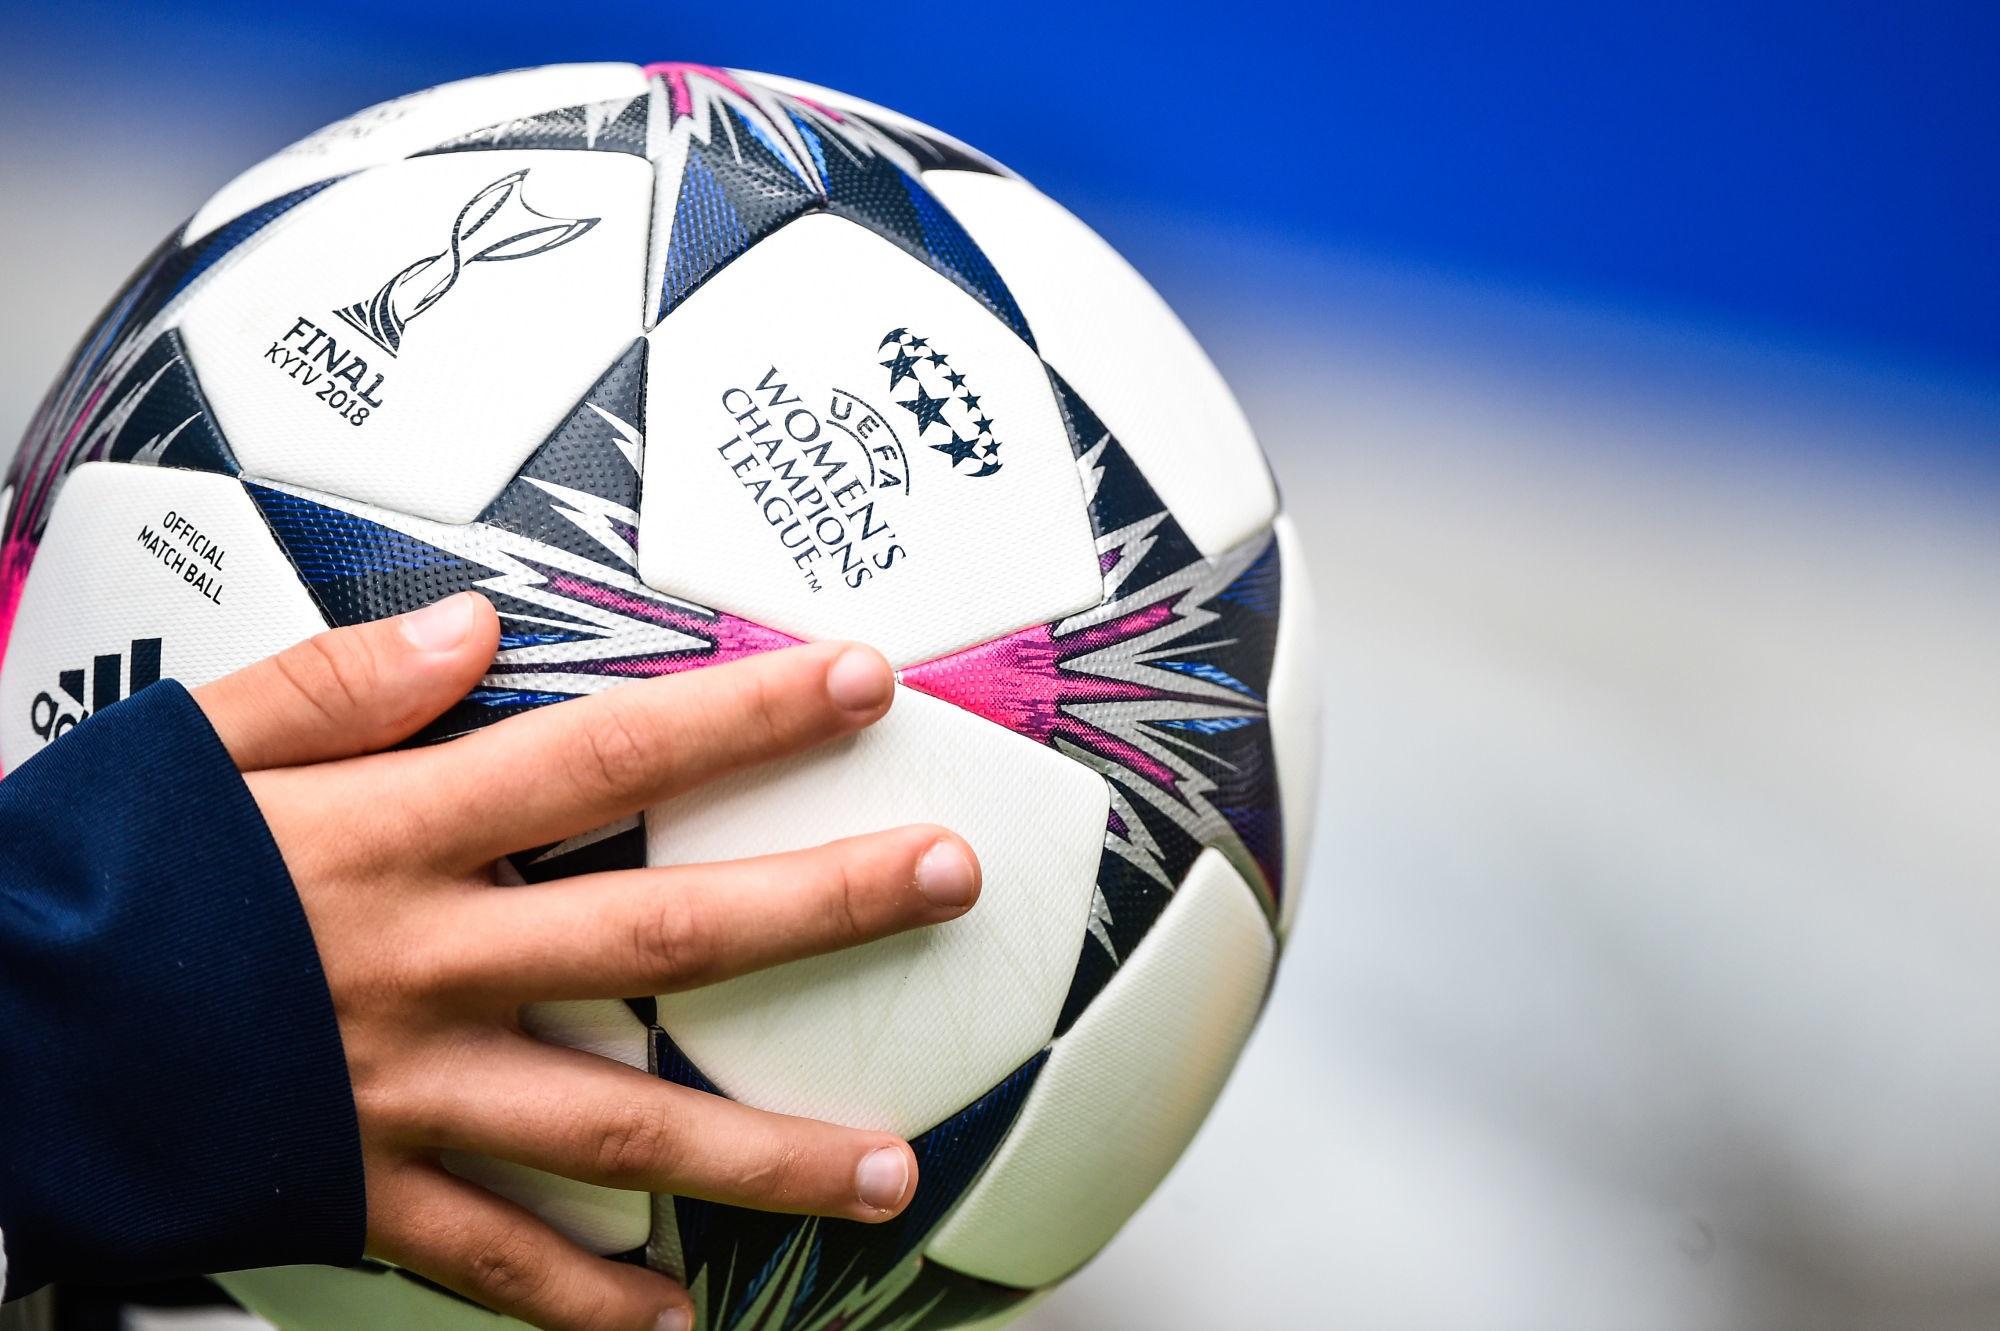 PSG/Gornik Leczna - Chaîne et horaire de diffusion du 16e de finale retour